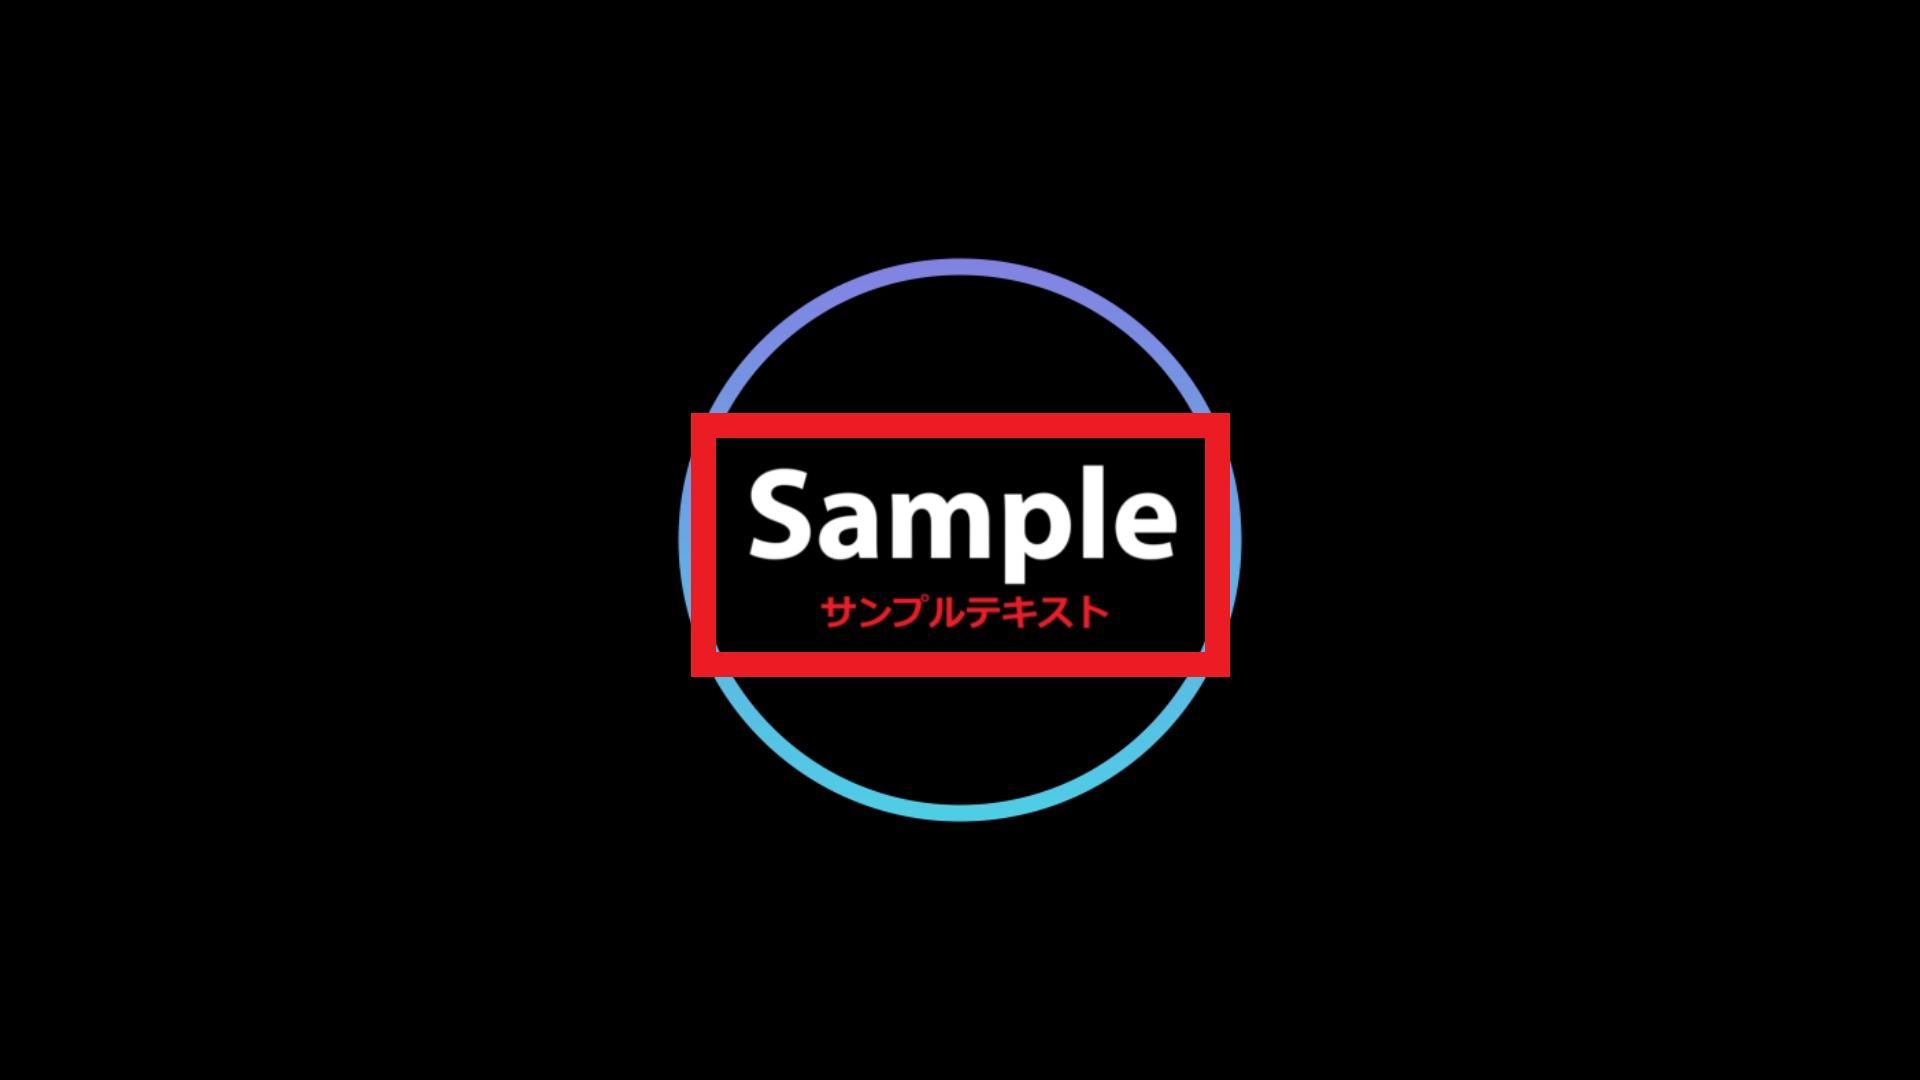 テキスト2行版のサンプル